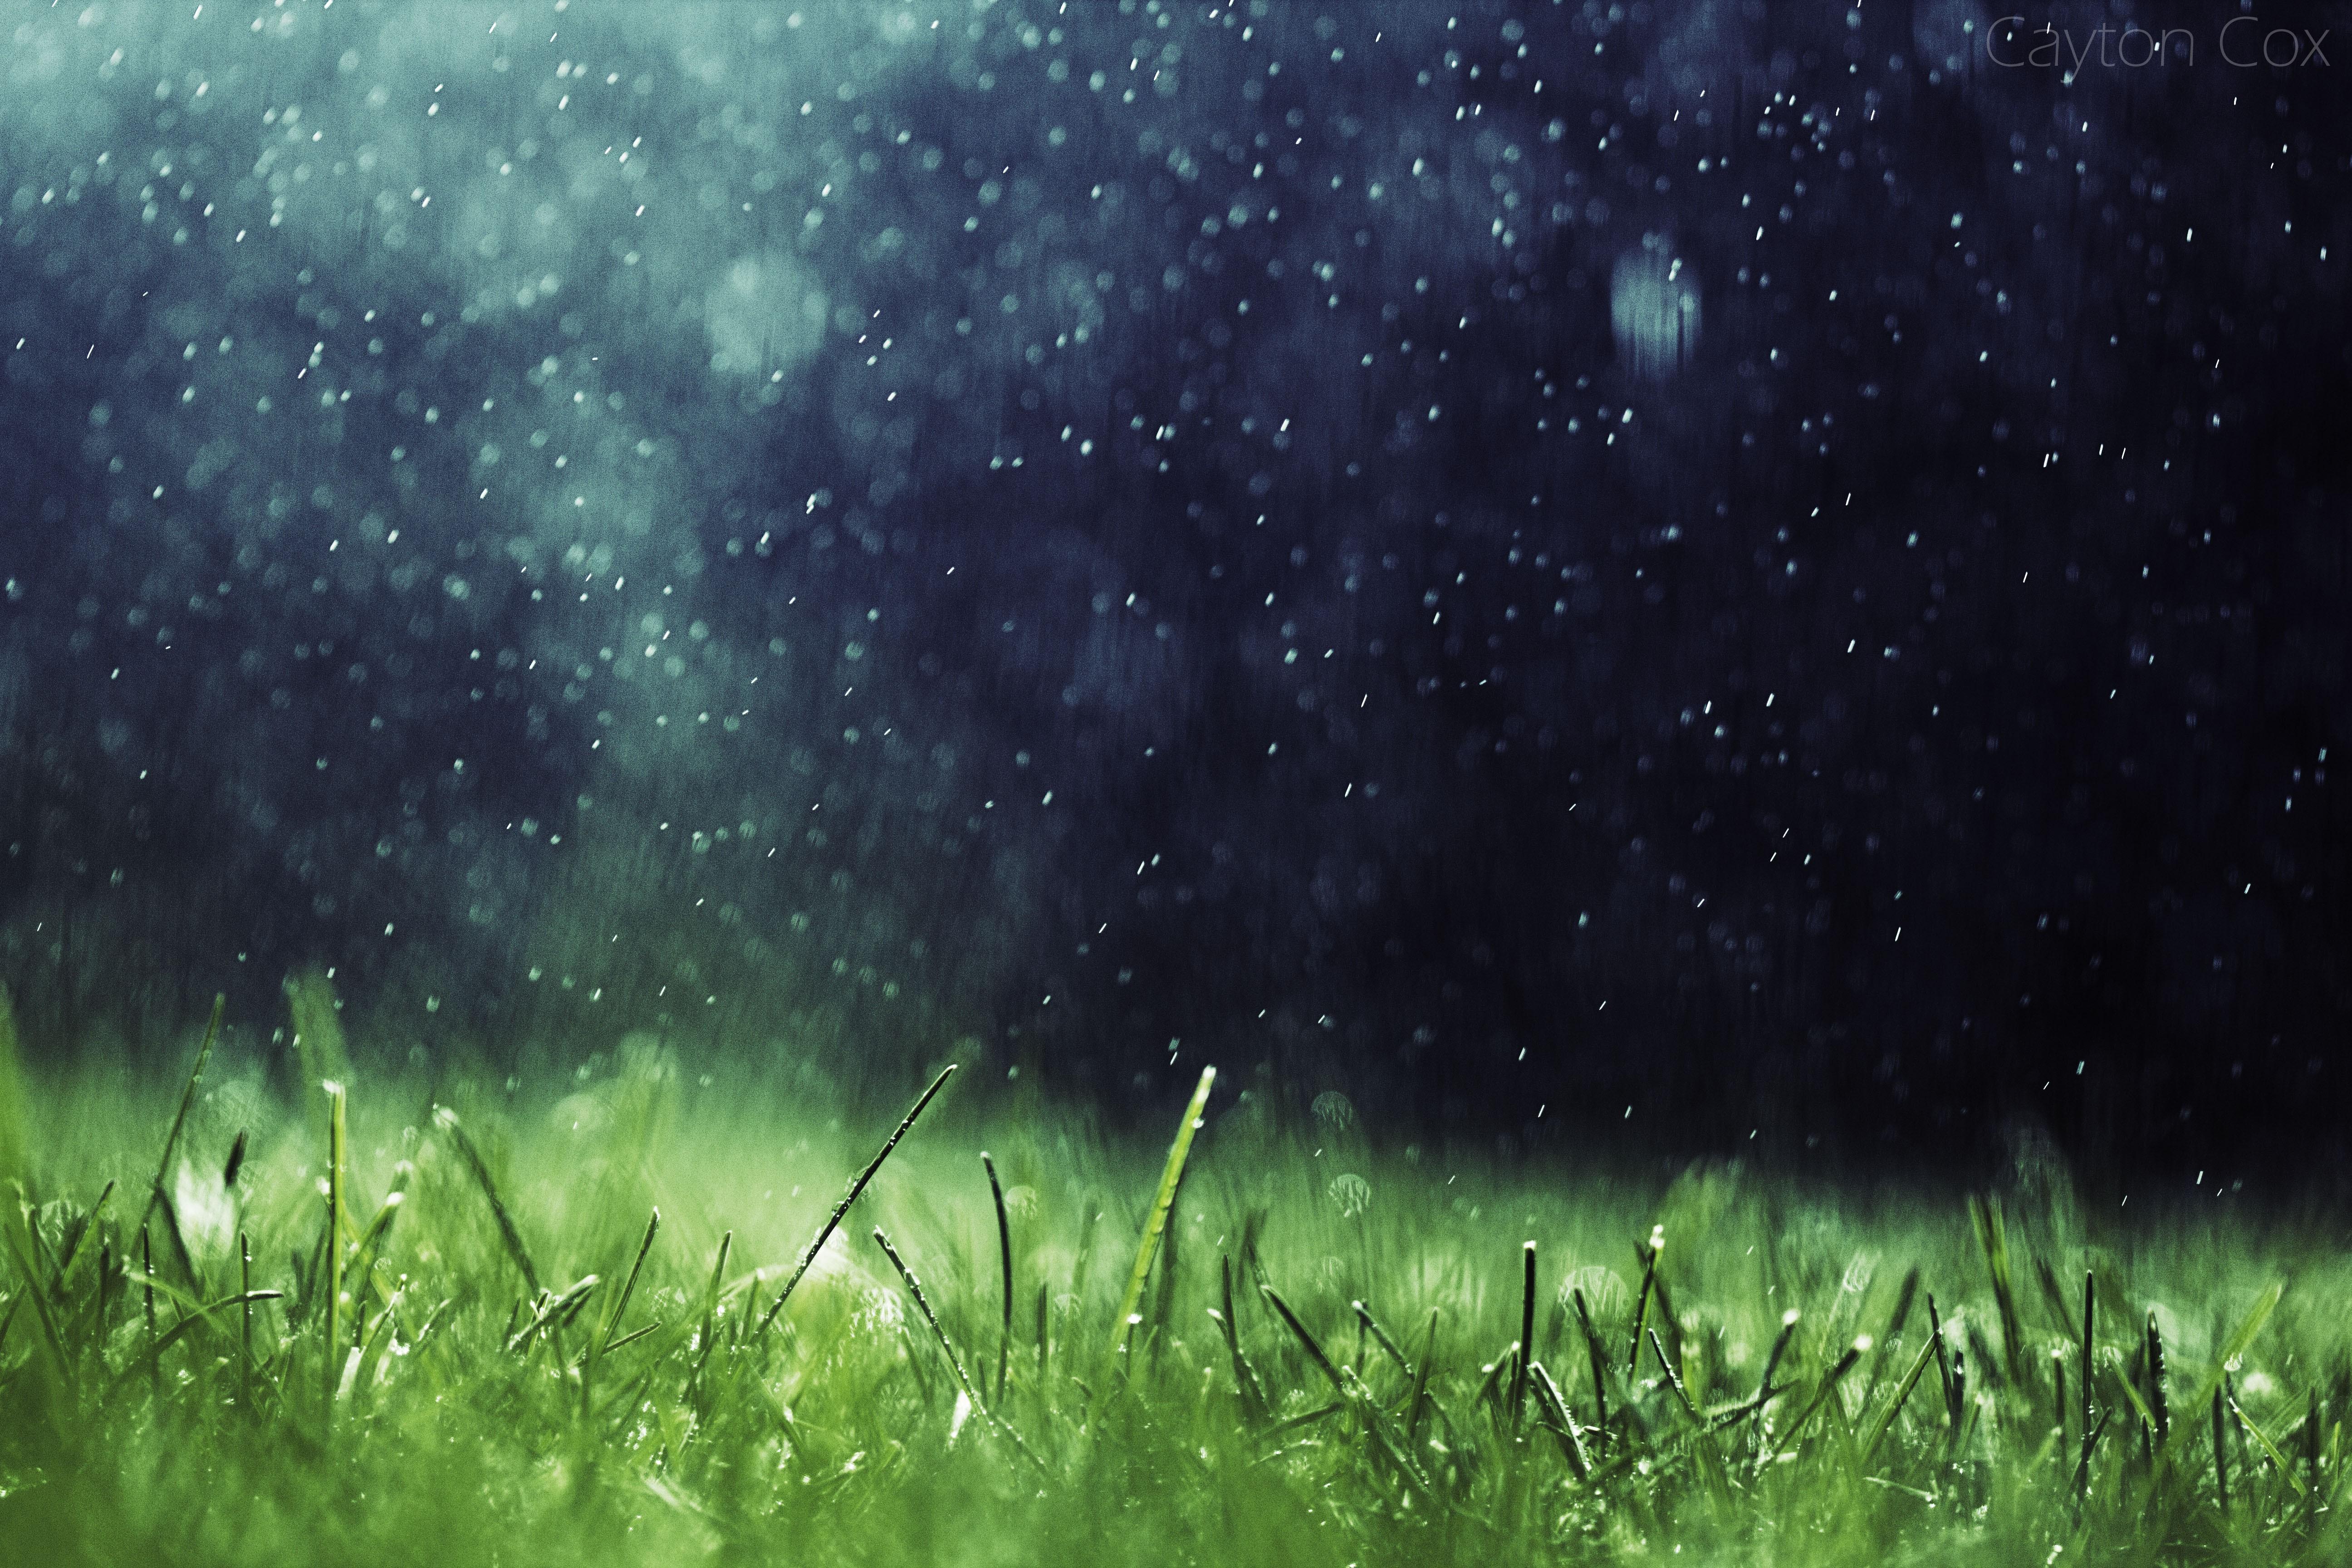 デスクトップ壁紙 日光 自然 草 雨 アートワーク 緑 雰囲気